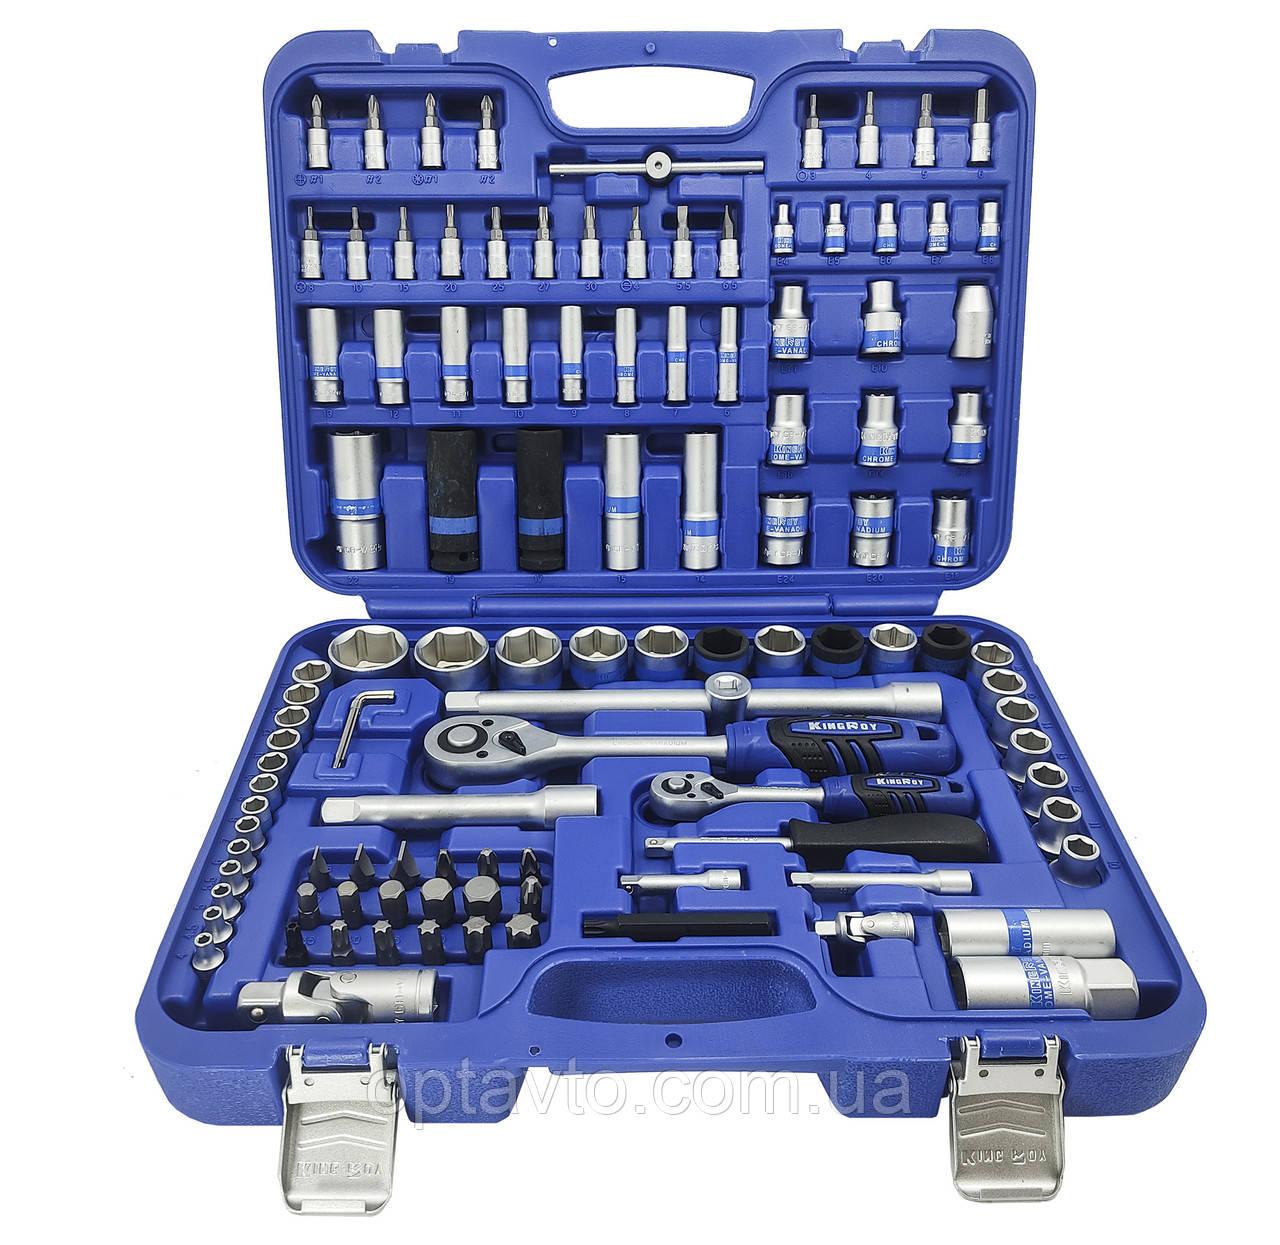 Набор инструментов 110 предметов 110-MDA-TB-6 King Roy. Супер качество!